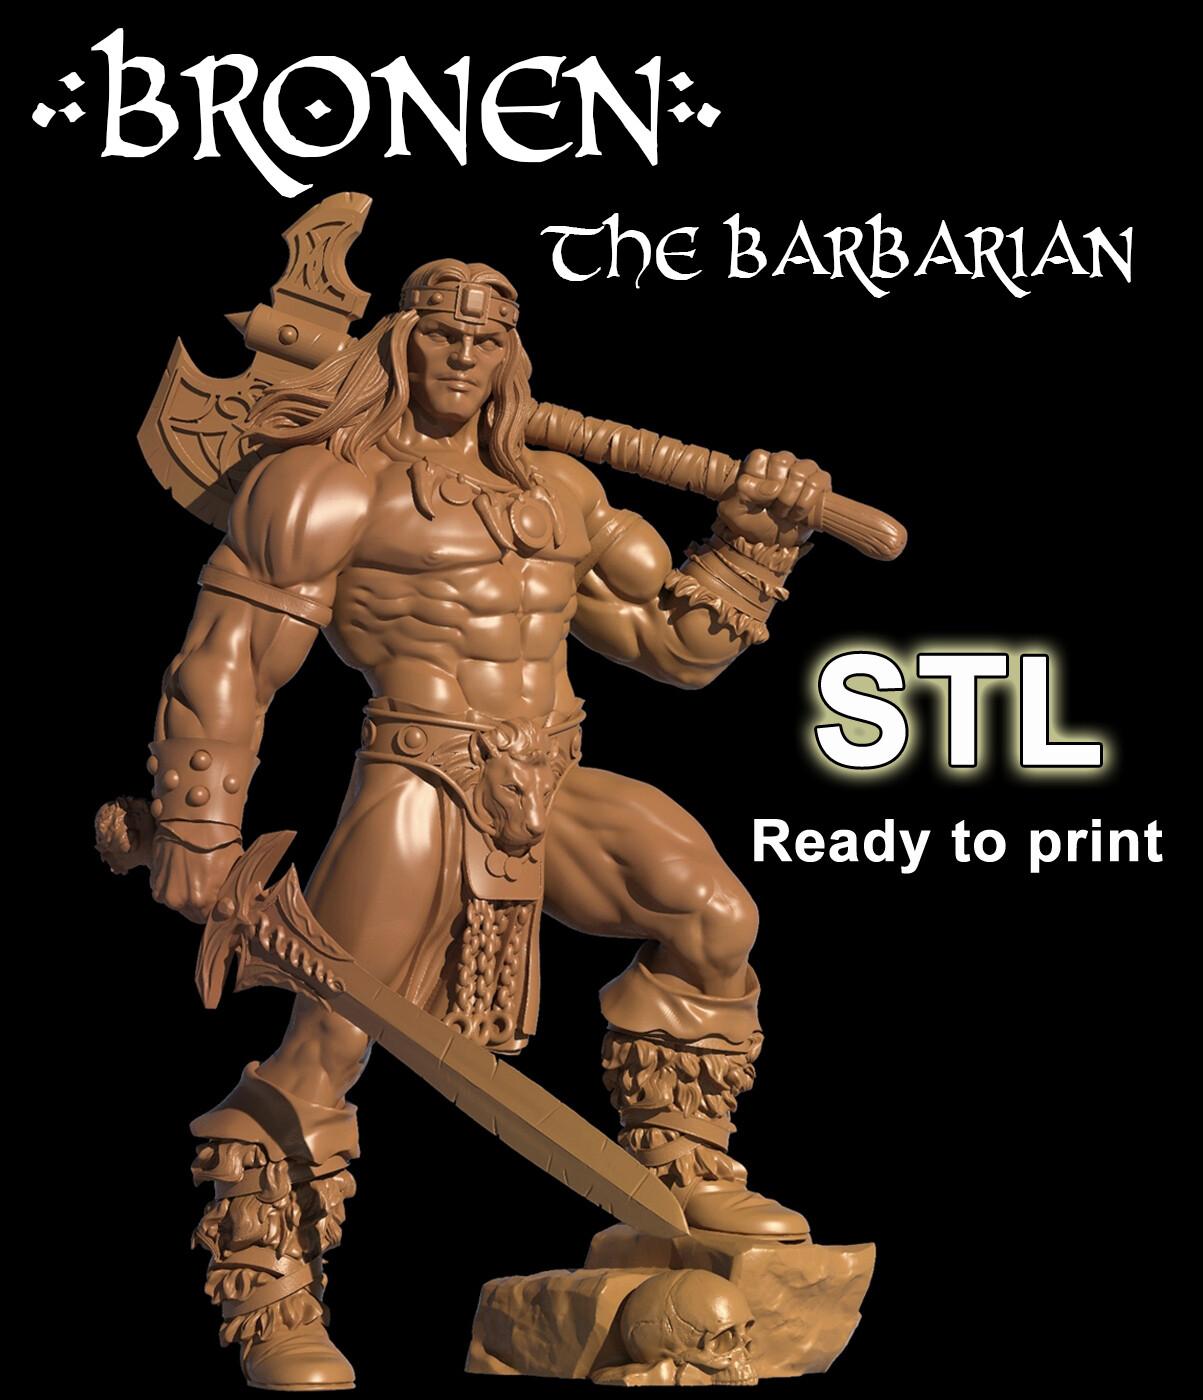 BRONEN THE BARBARIAN STL